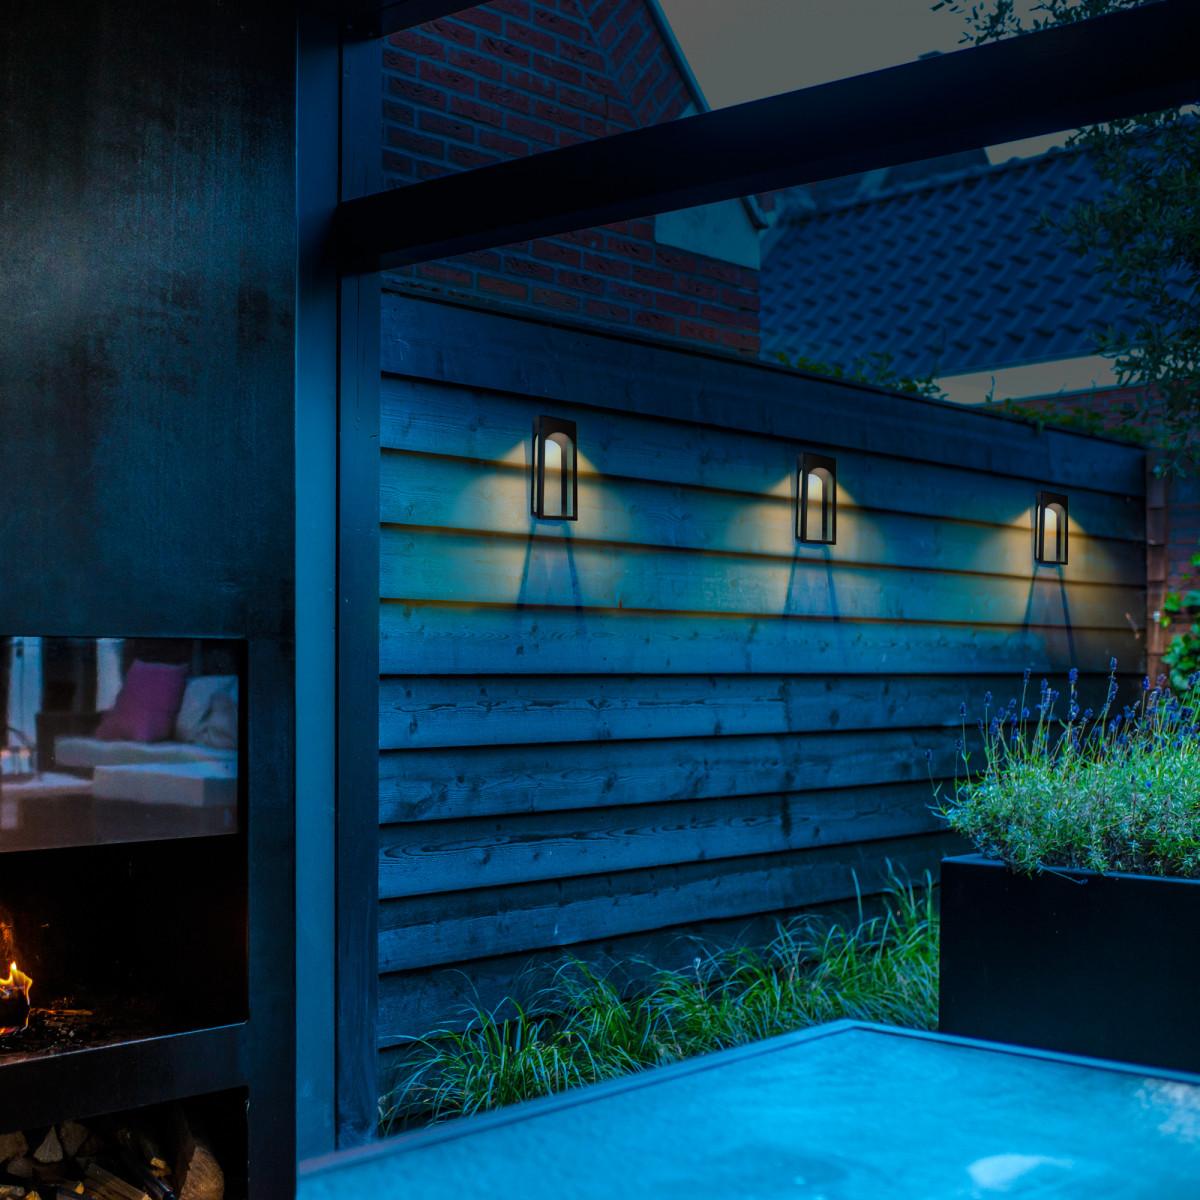 Stimmungs-Beleuchtung im Freien - LED Solar Wandlampe - solarbetriebene Außenlampe